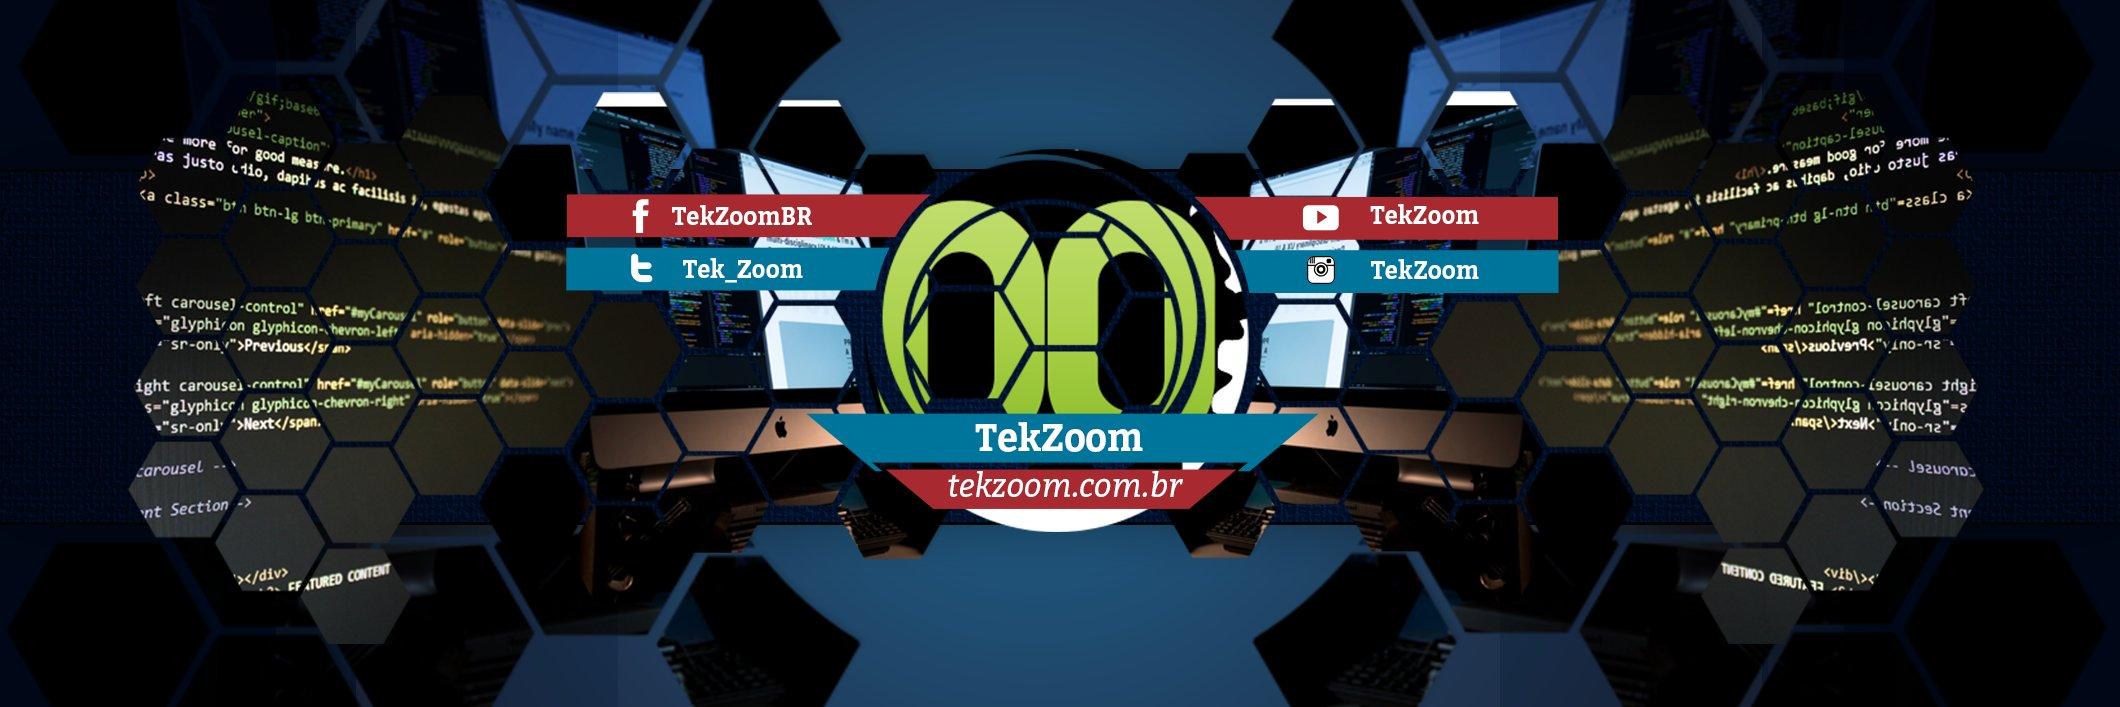 of TekZoom (Reinaldo Silotto)